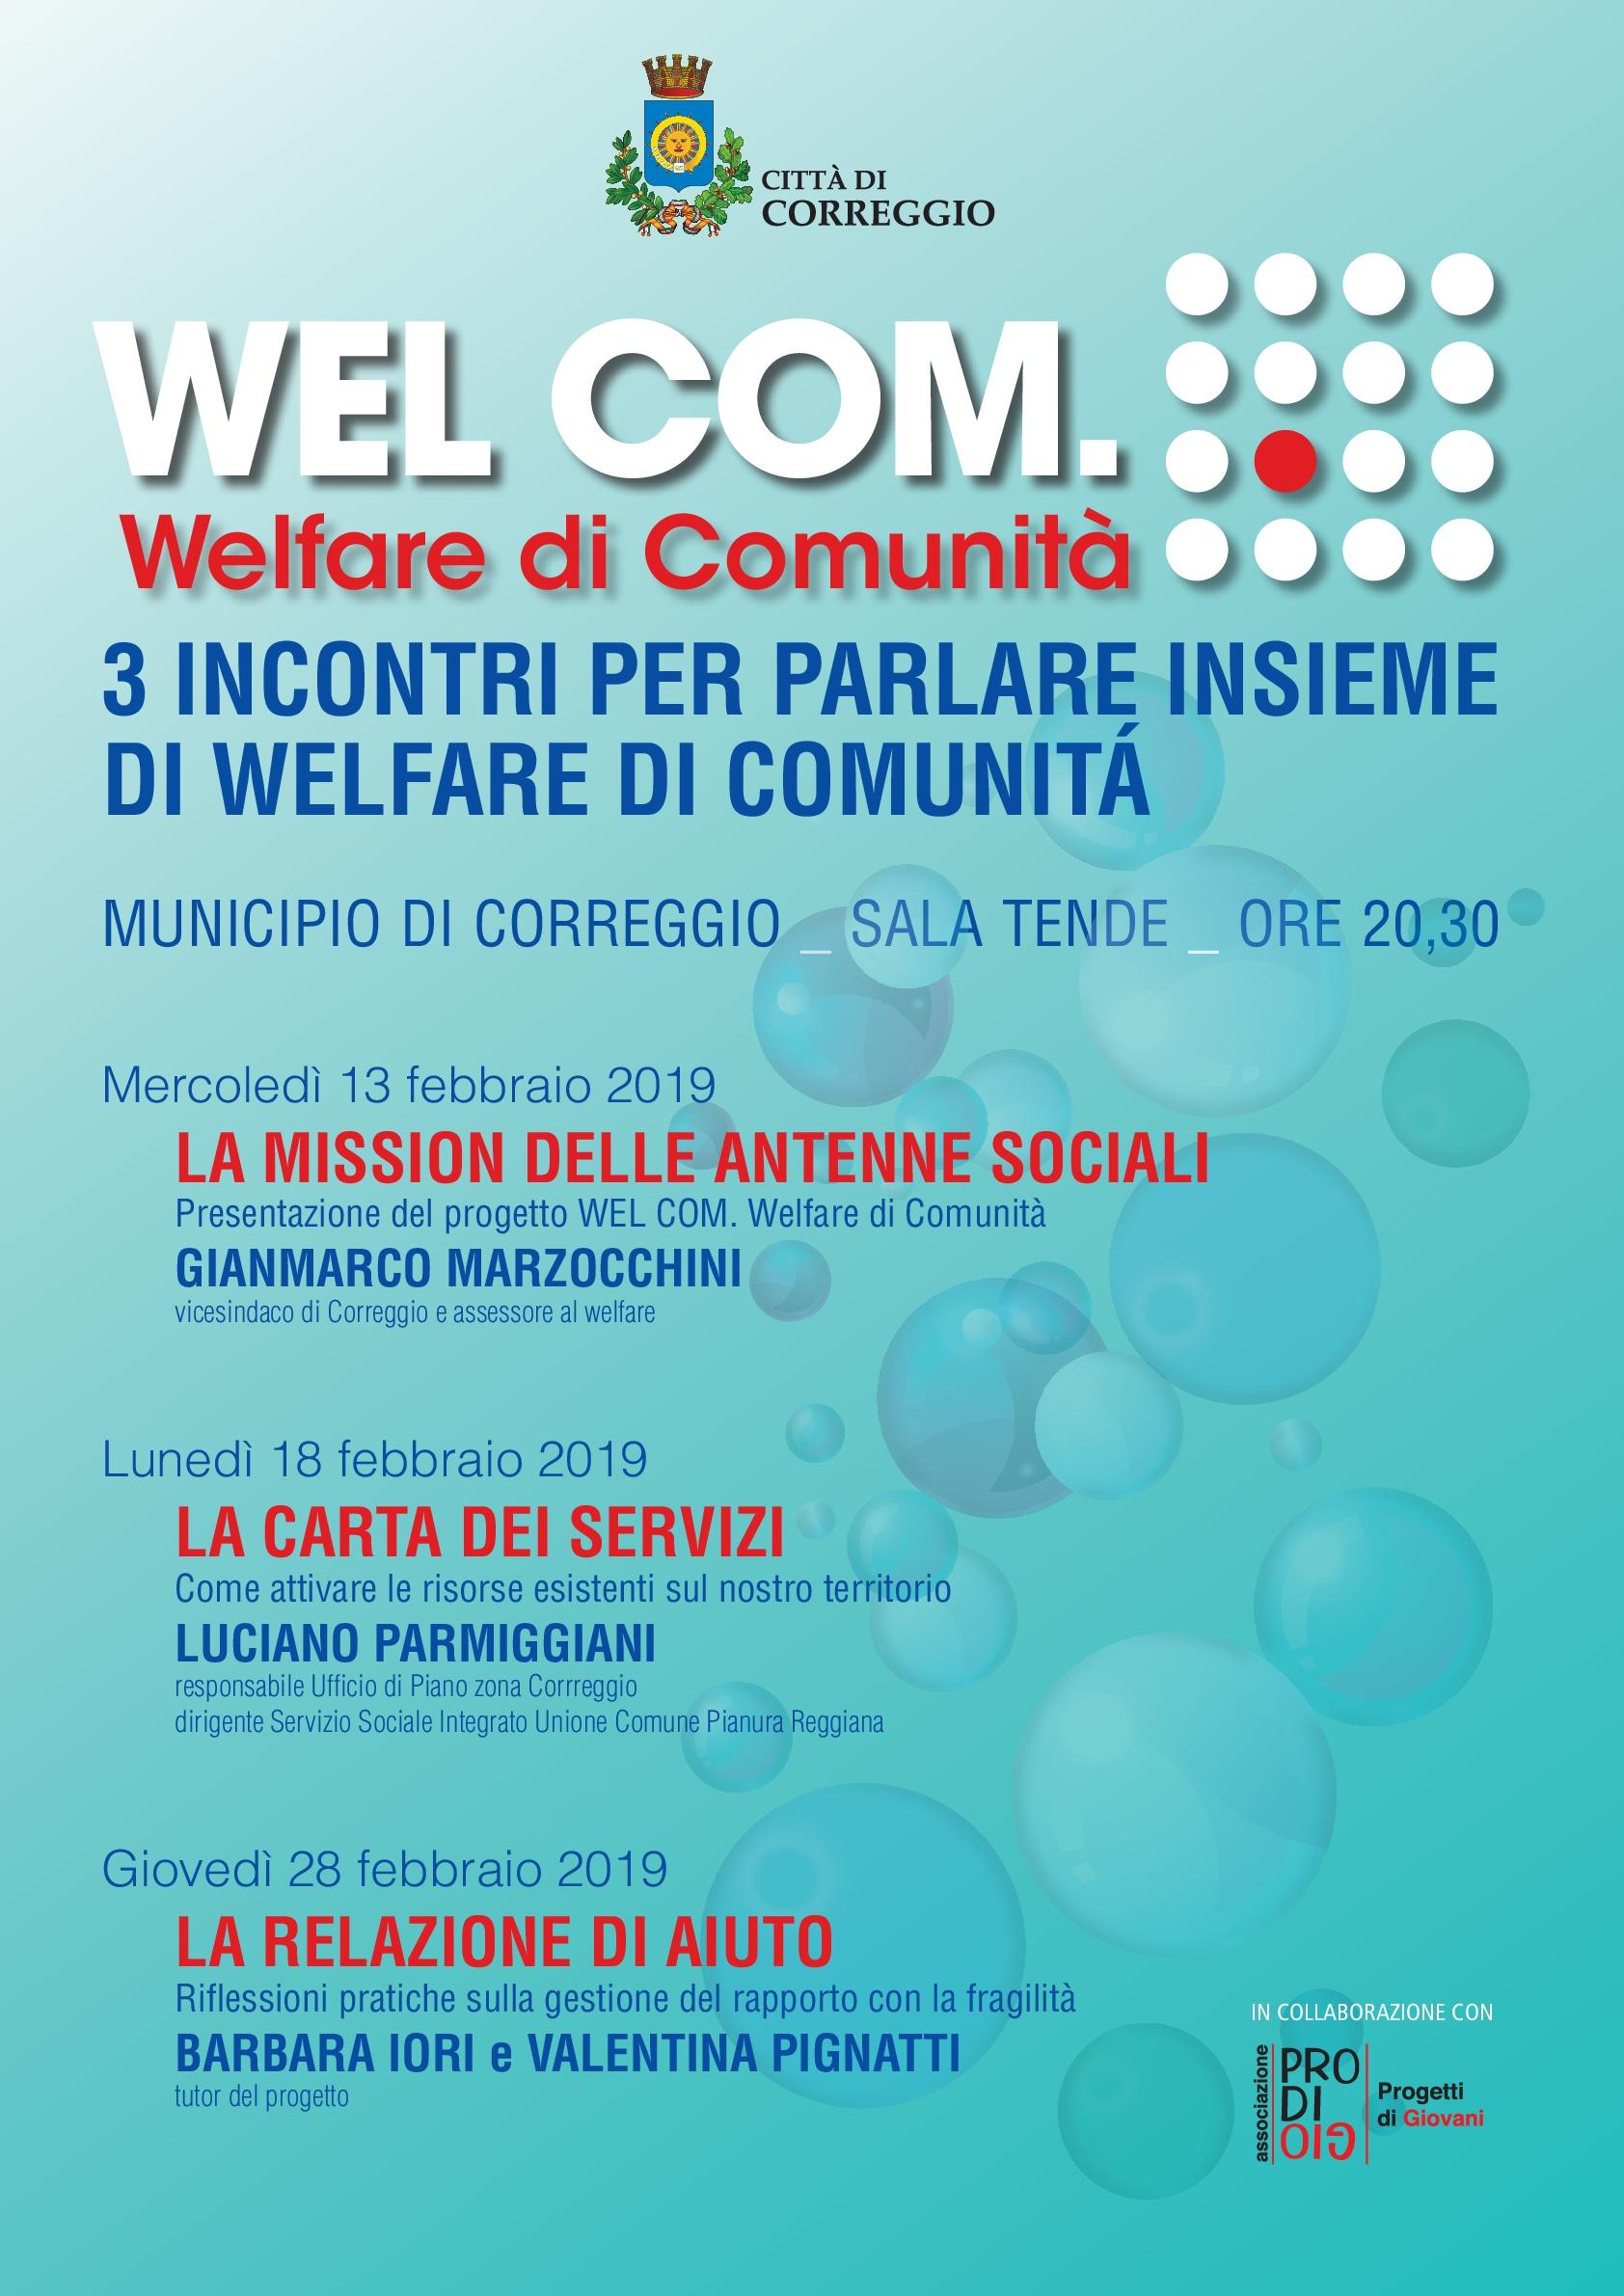 welcom-001